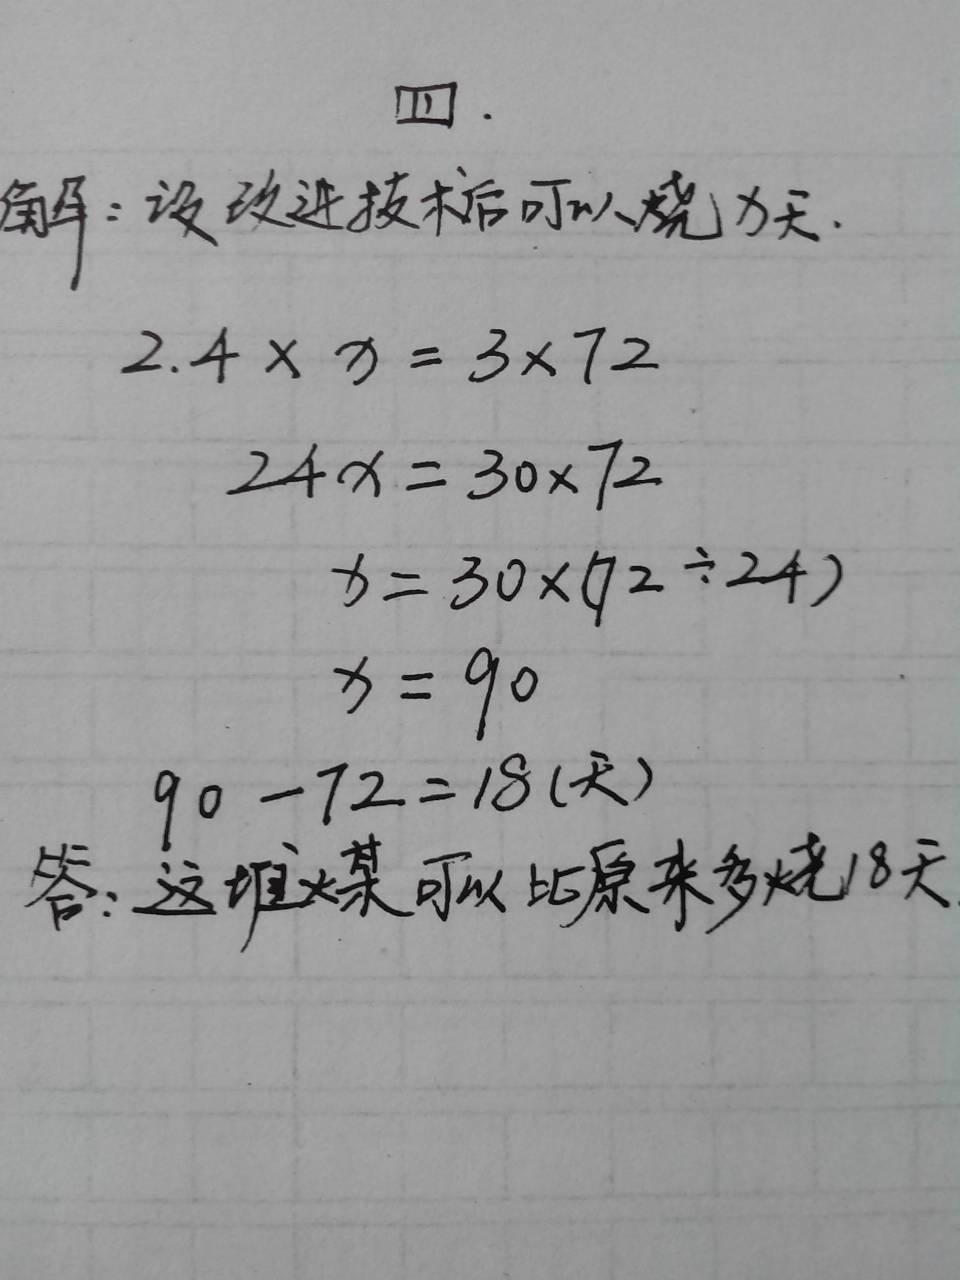 一道数学题!用方程解!必采纳!图片